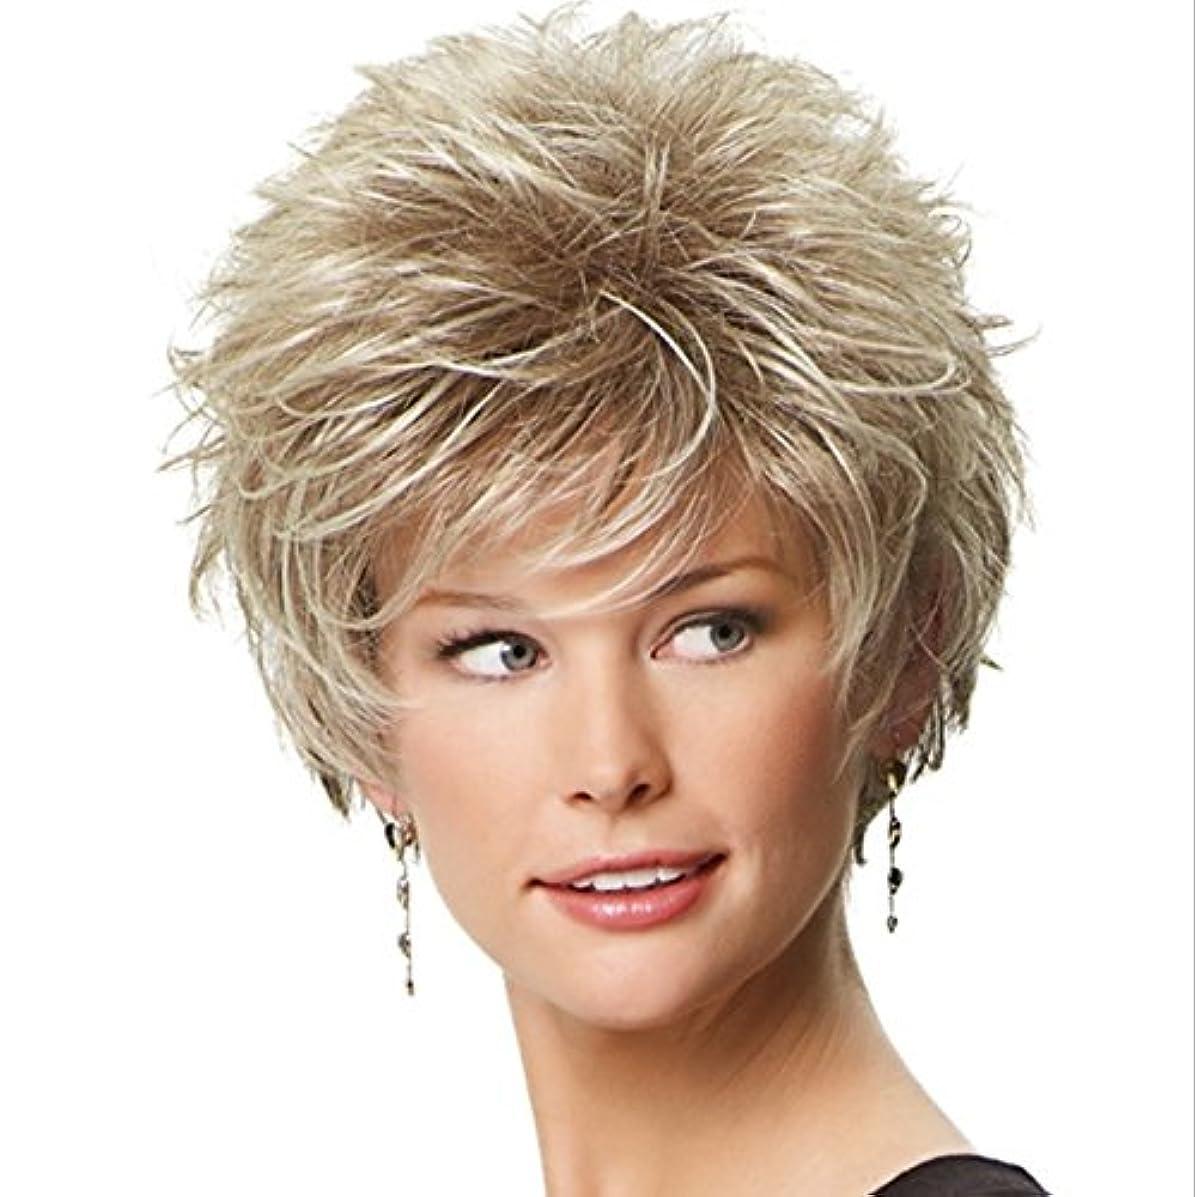 朝形式で出来ているDoyvanntgo 女性のための優雅なかつらエアーフラットバンズウィッグとショートカーリーヘアー女性のための耐熱性のあるふわふわウィッグ10inch / 11inch(灰色がかった白、金色) (Color : Golden)